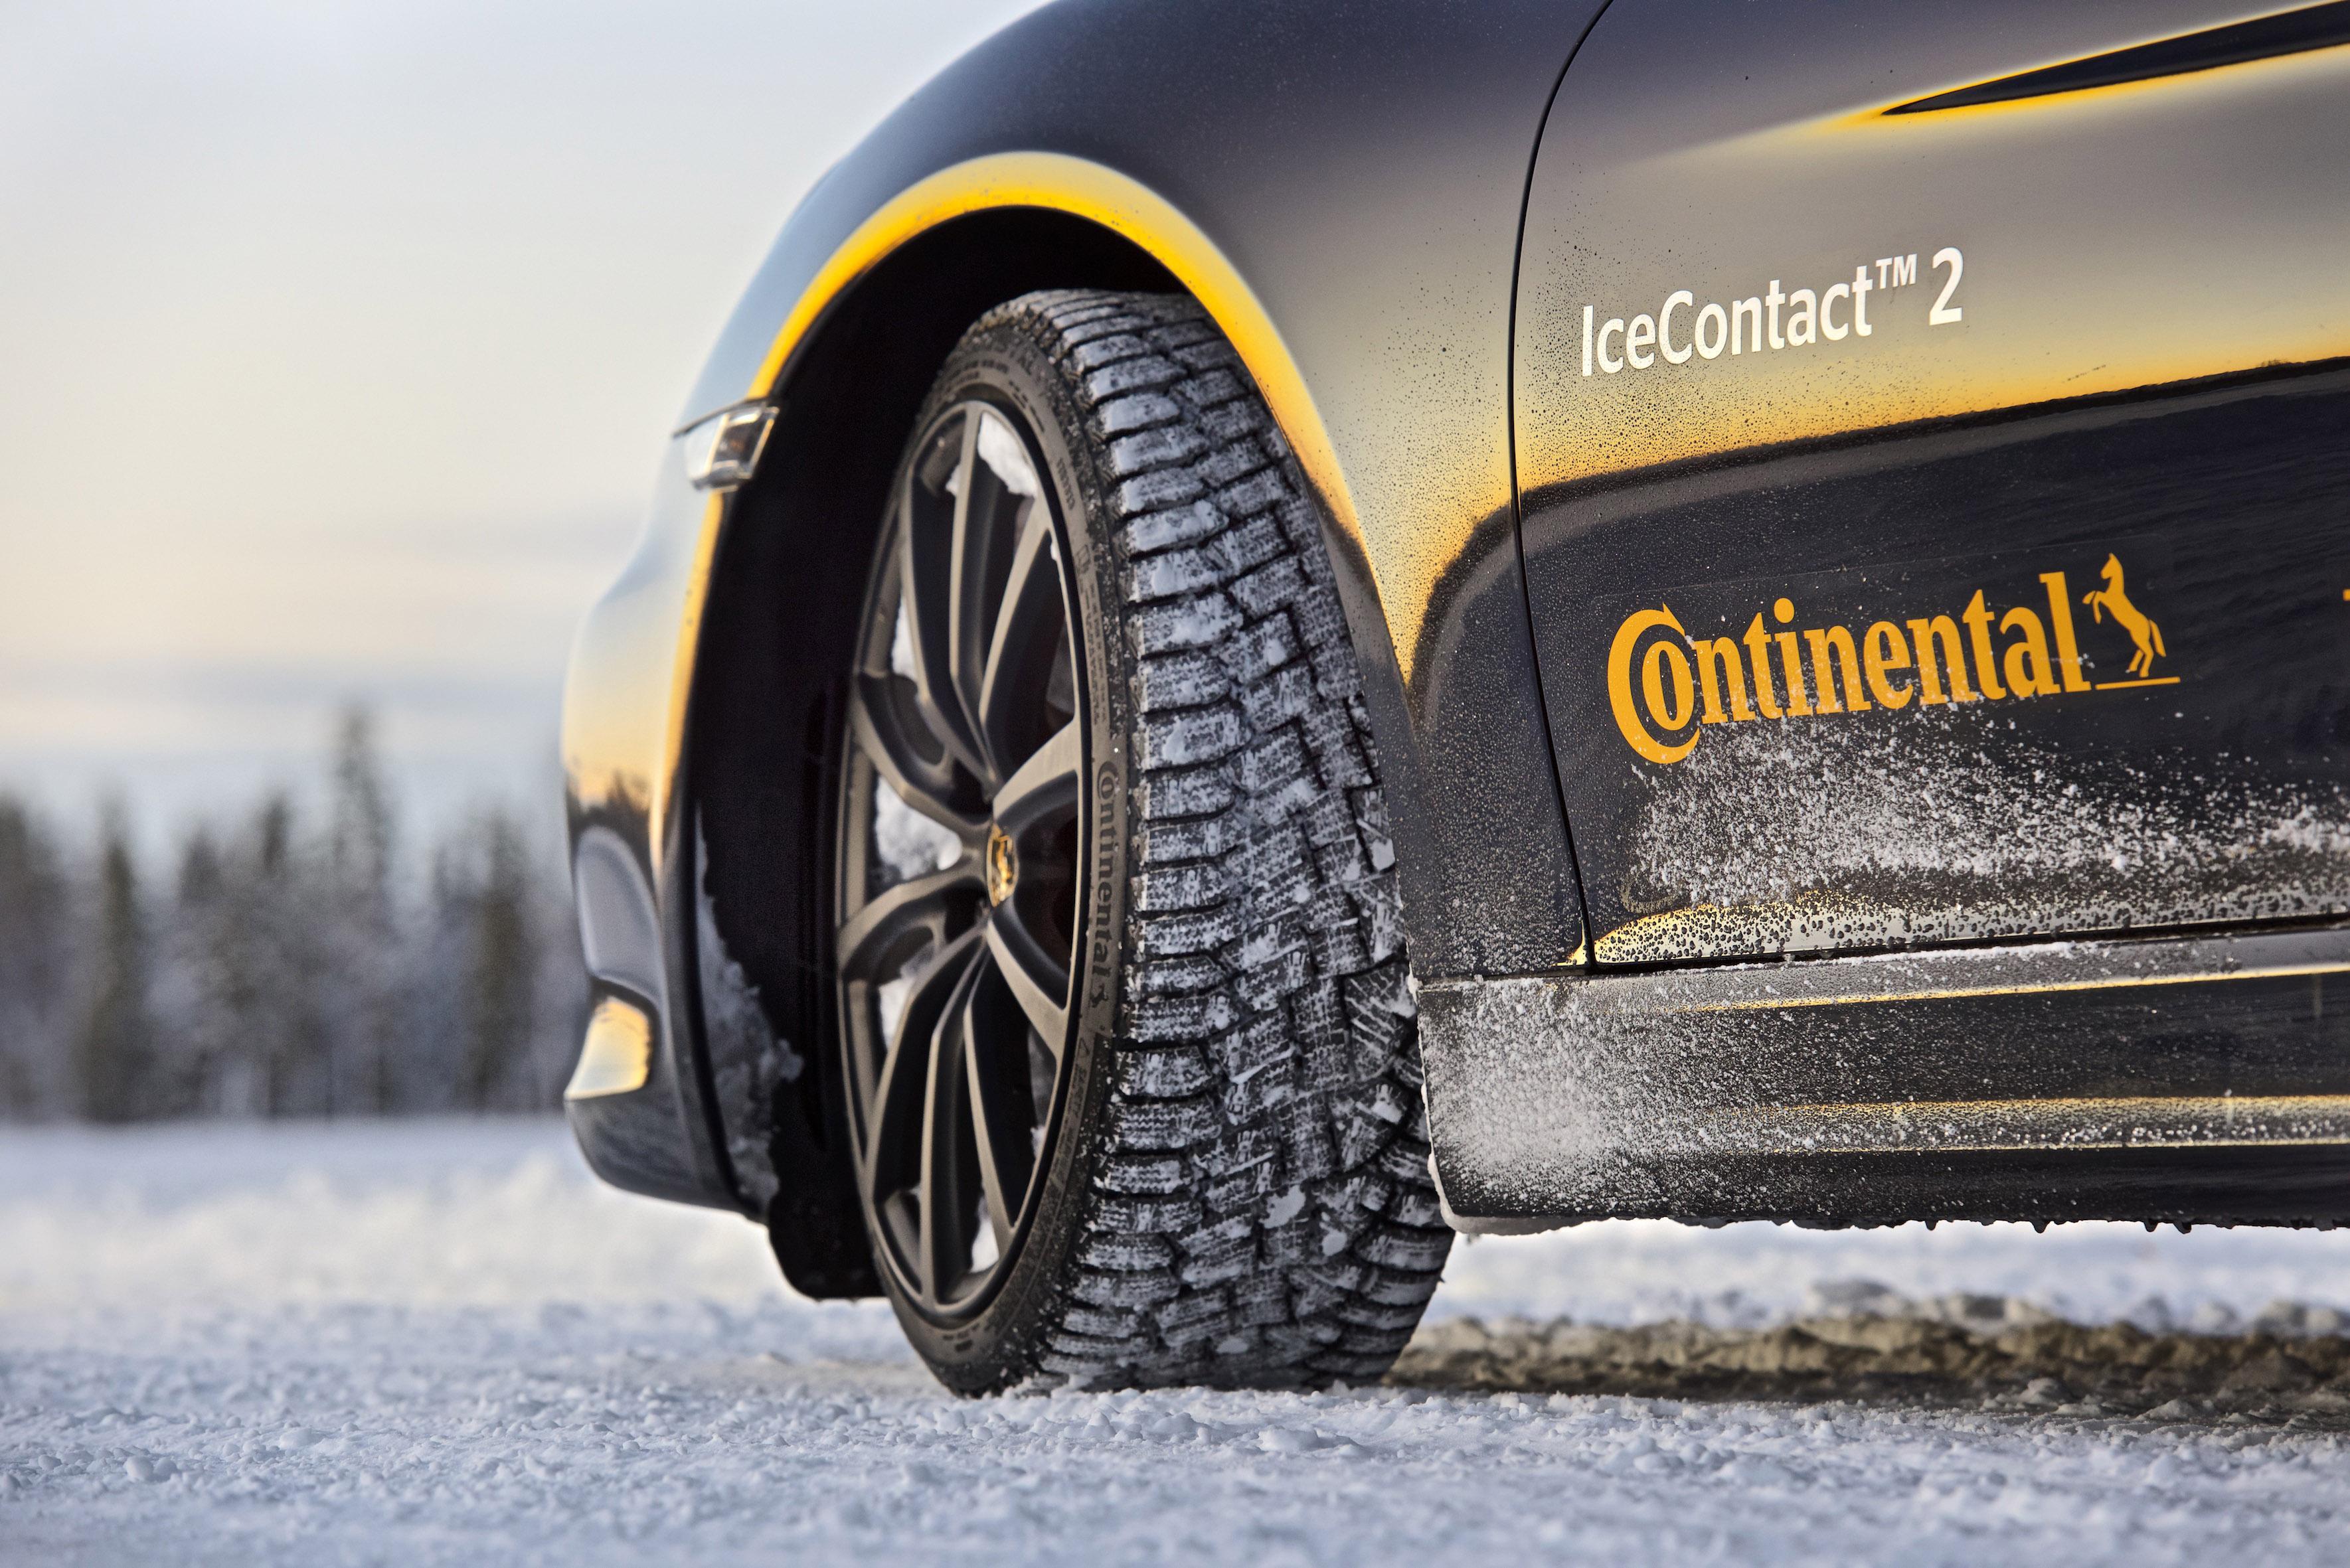 Шипы Tikka для шин Continental - гарантия безопасности на зимних дорогах